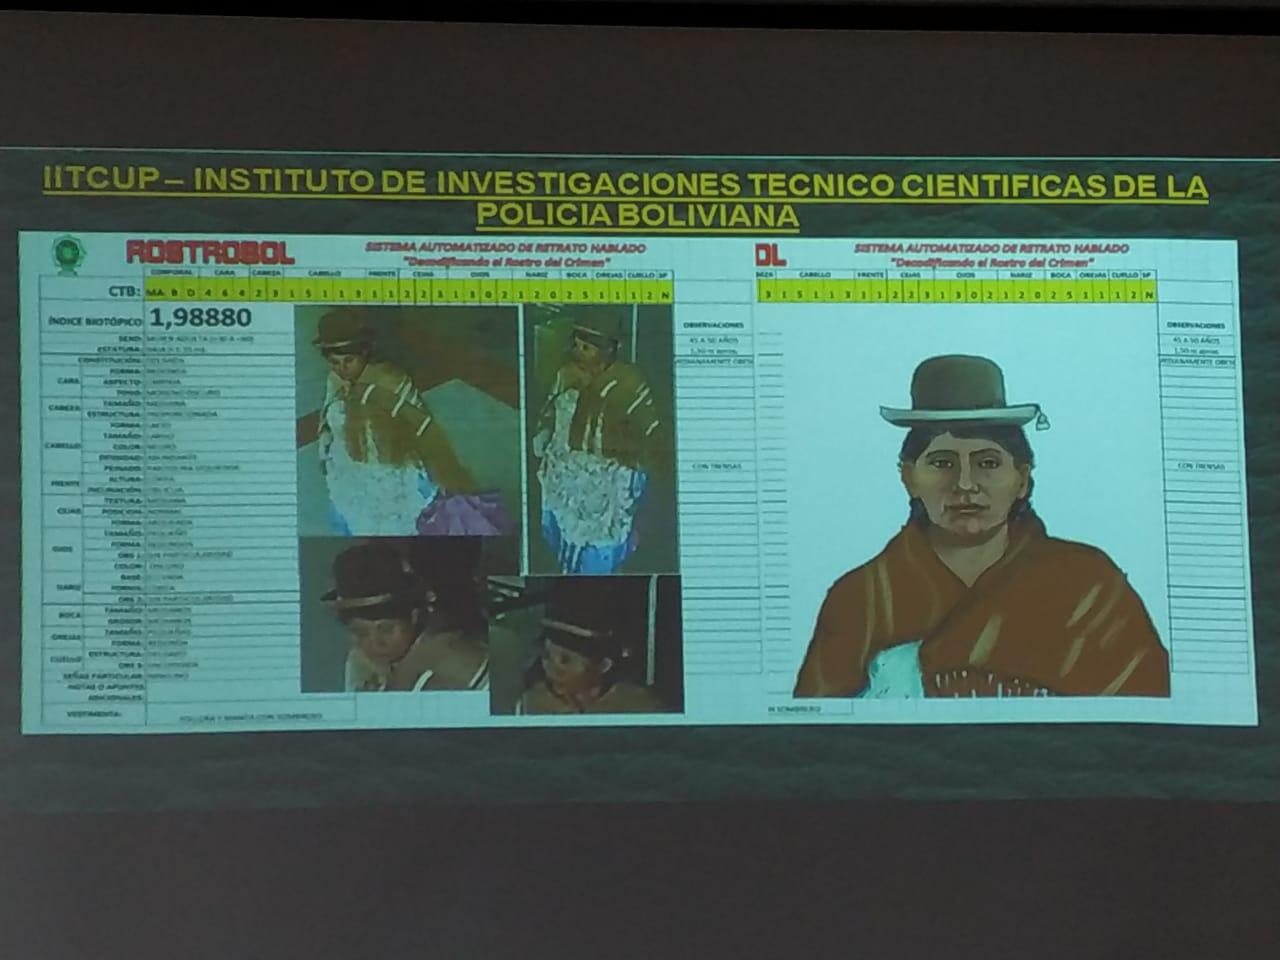 Policía asegura que ya tiene el paradero de Quispe, quien intimidó a una madre de familia el pasado 27 de mayo en una cabina del teleférico / ÁNGEL SALAZAR